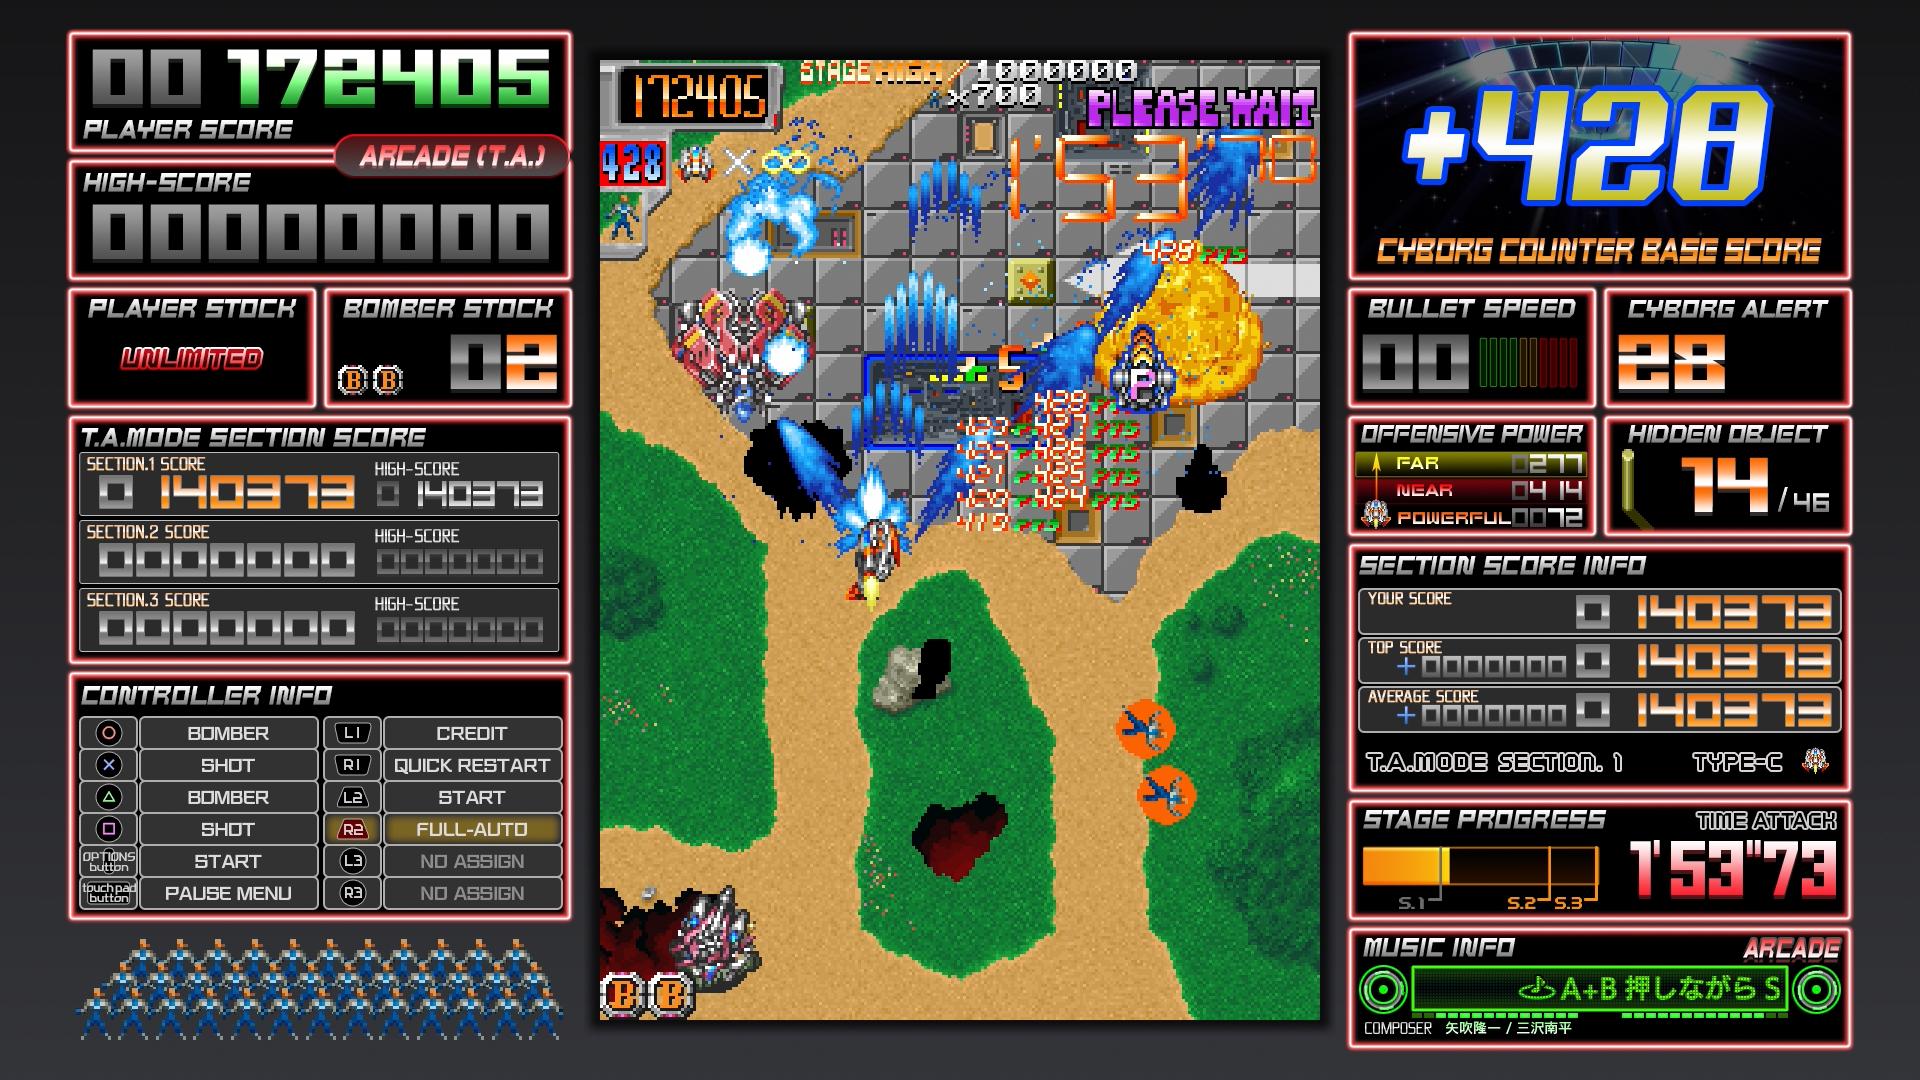 『弾銃フィーバロン』ゲーム画面